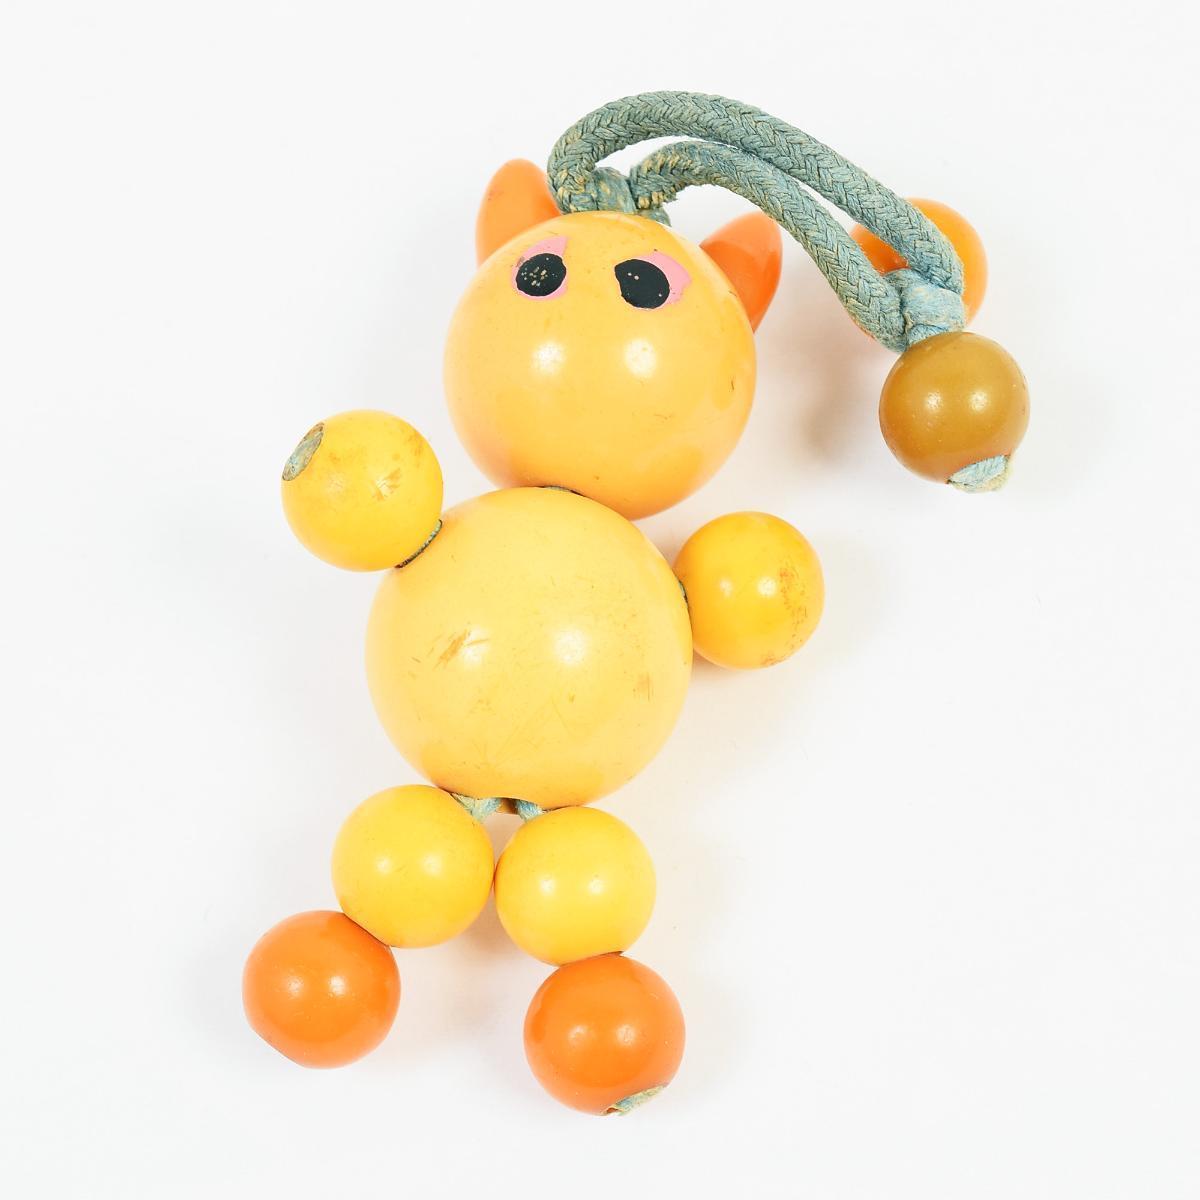 希少 40年代 アンティークトイ ベークライト 人形 おもちゃ ヴィンテージ /anb6215 【中古】 【180813】